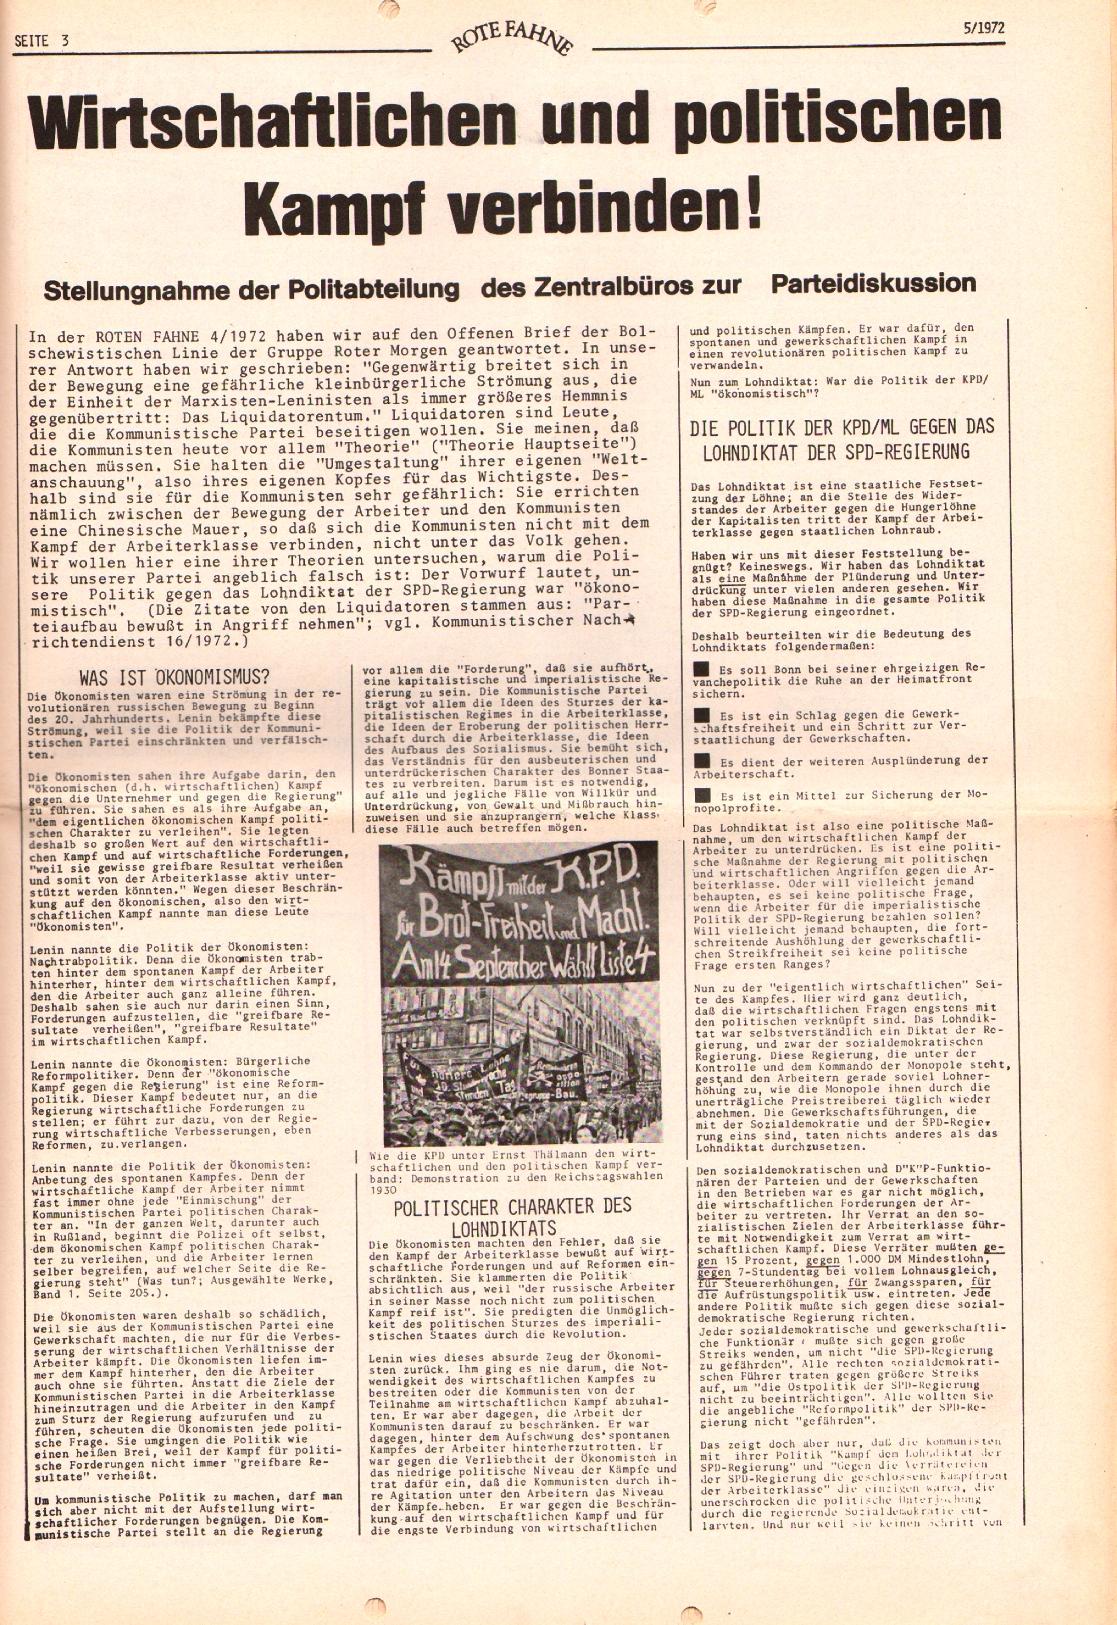 Rote Fahne, 3. Jg., 6.3.1972, Nr. 5, Seite 3